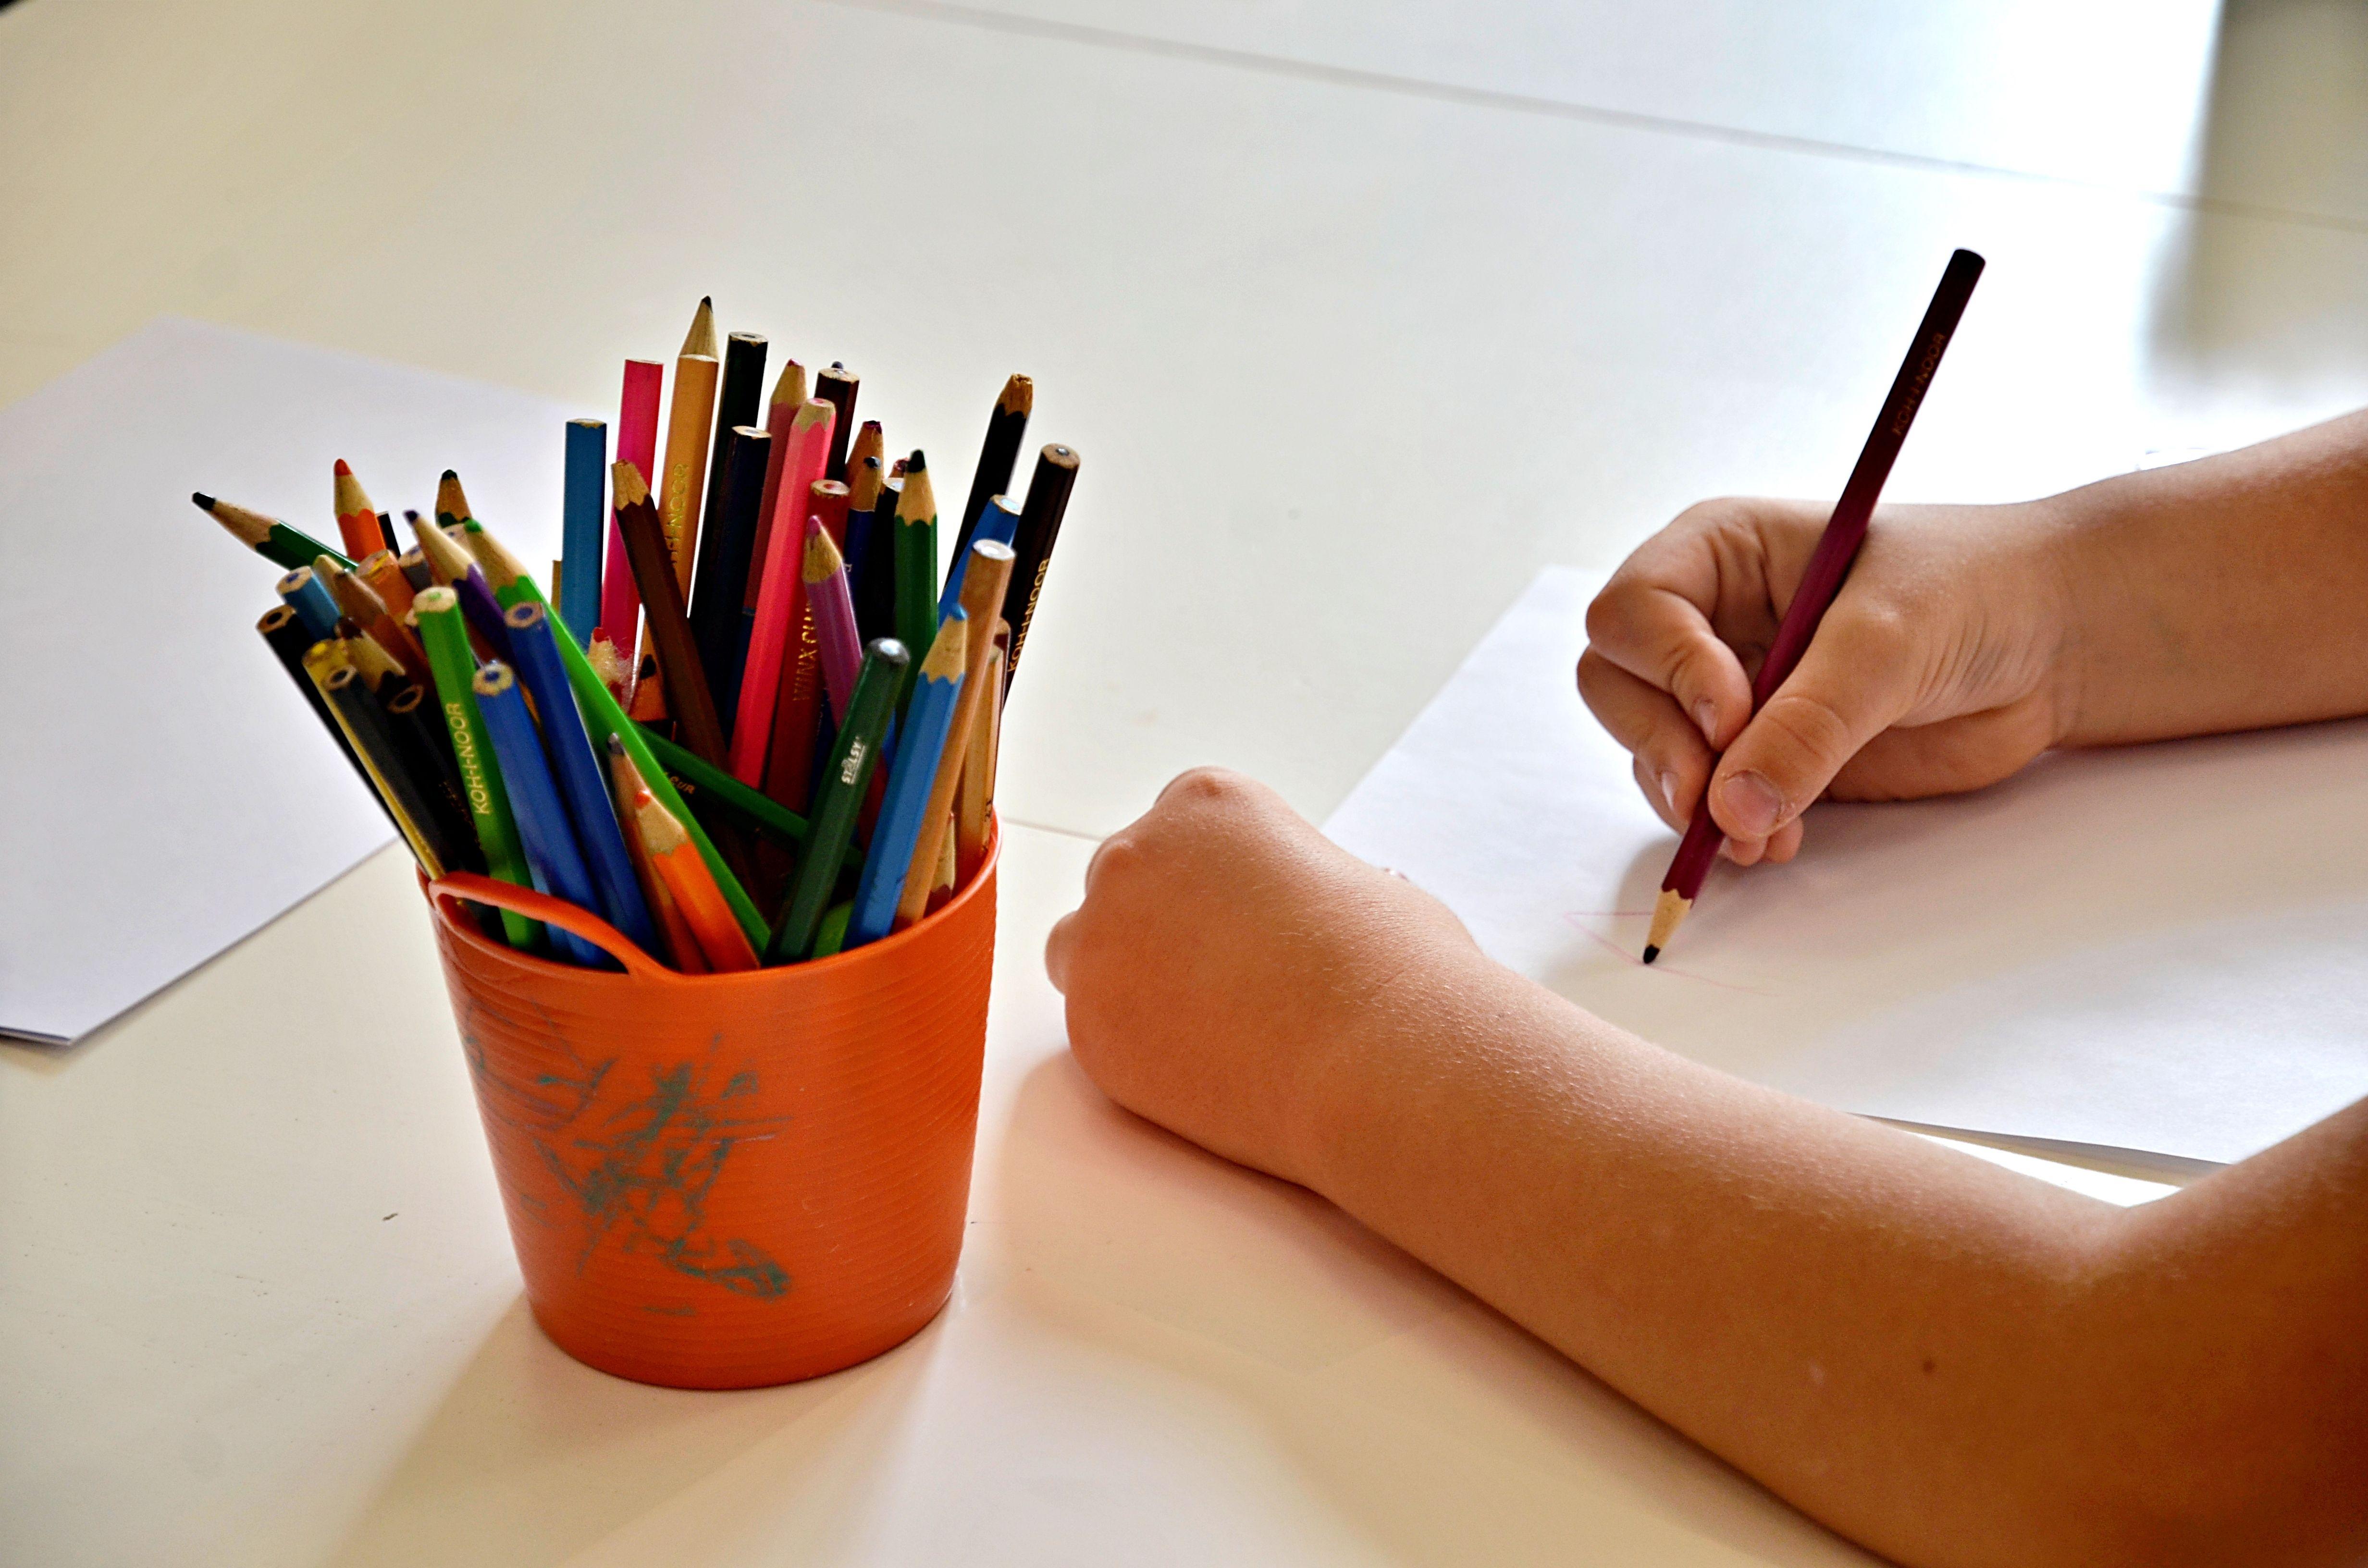 Юным художникам предложили присоединиться к экологическому проекту в «Маяке»